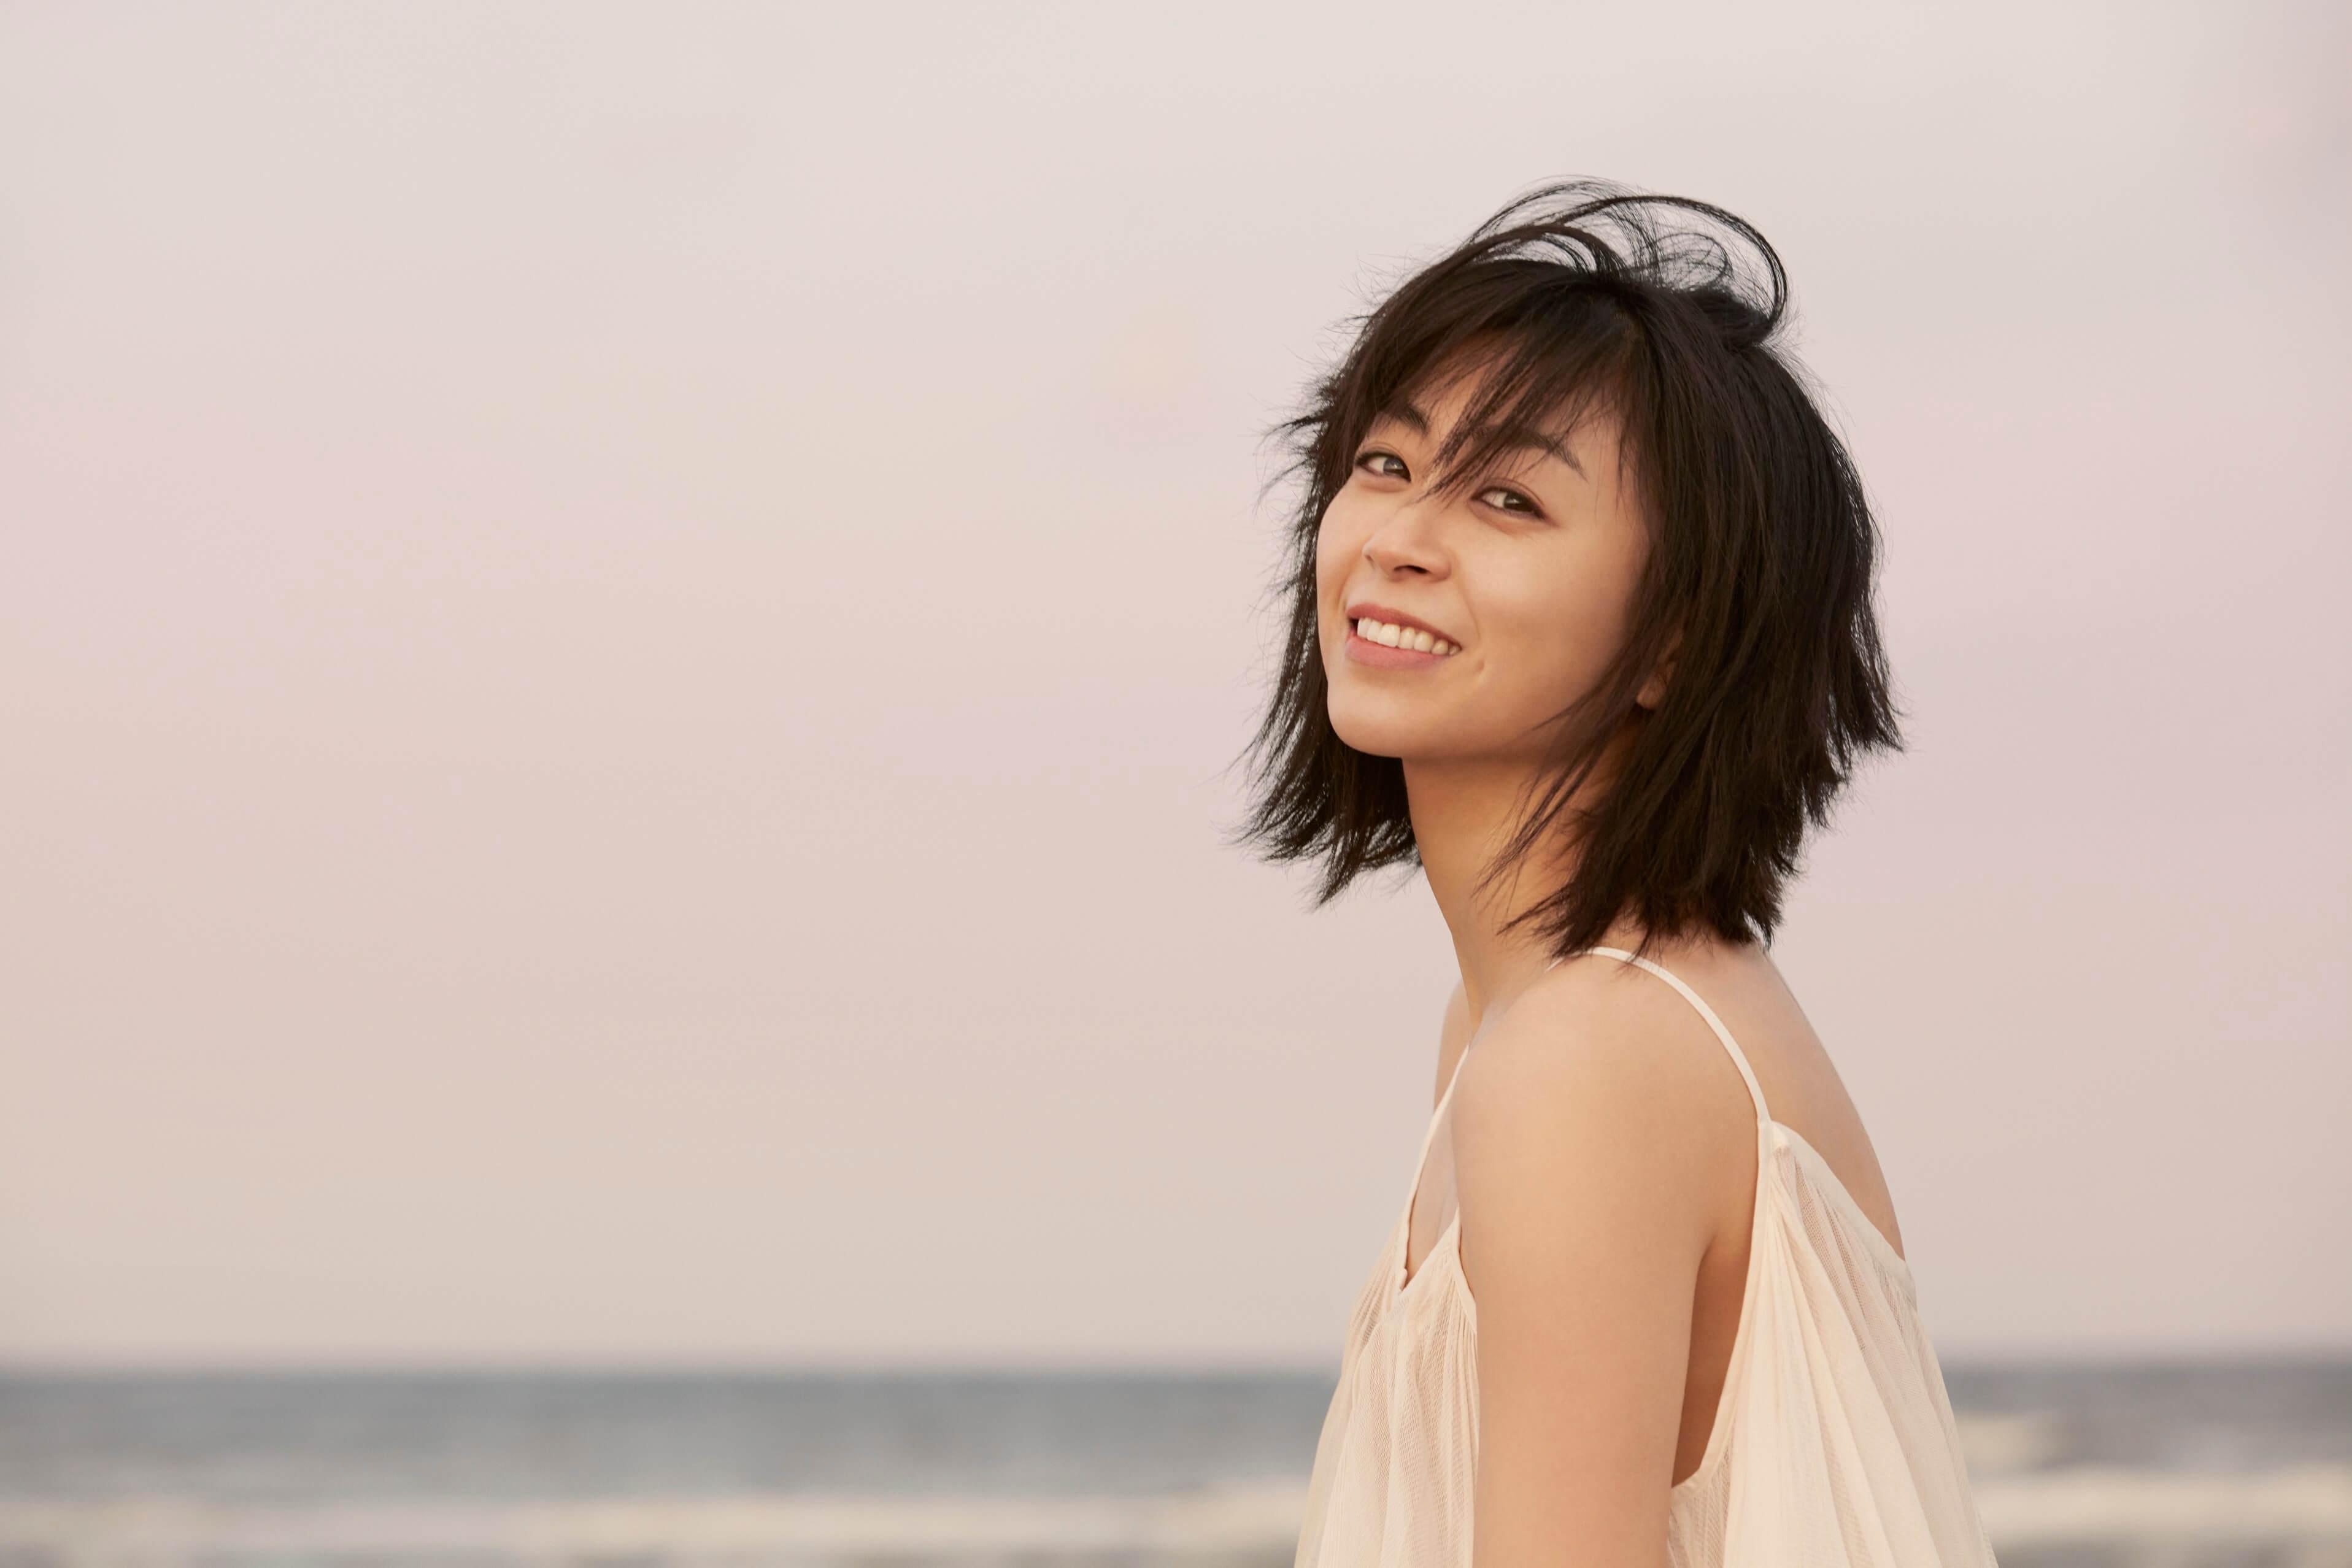 宇多田光即將發售《王國之心III》片頭曲「Face My Fears」在內的CD單曲! 宇多田光、